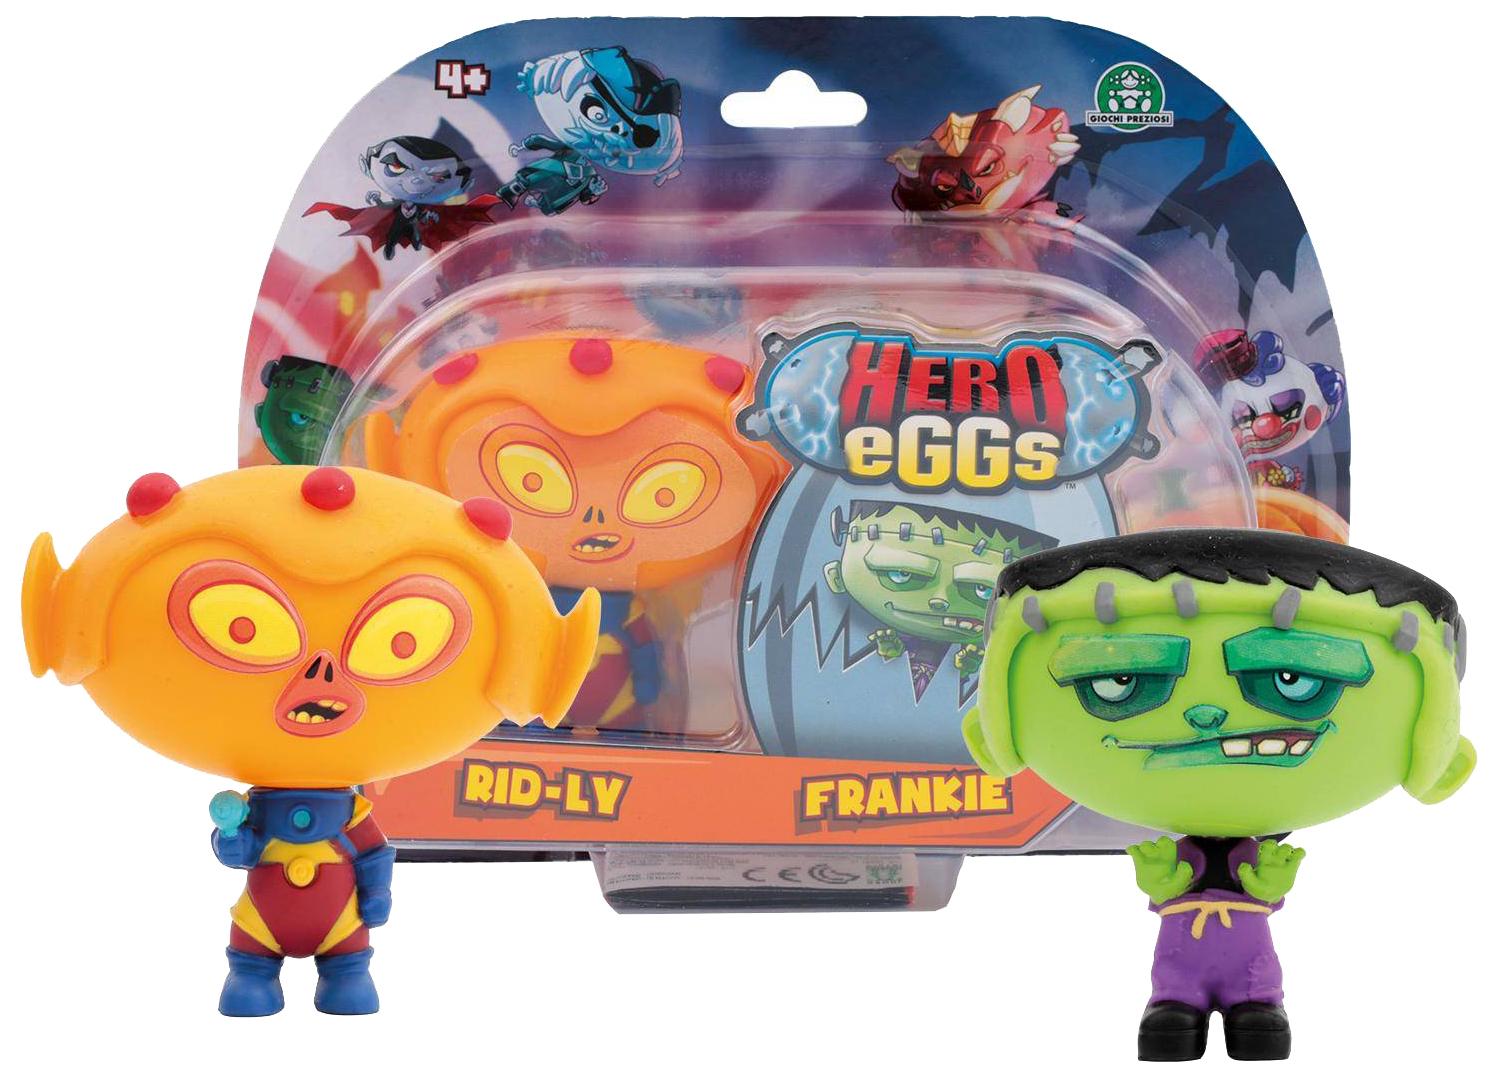 GIOCHI PREZIOSI Набор Hero eggs HEW01000, Игровые наборы  - купить со скидкой